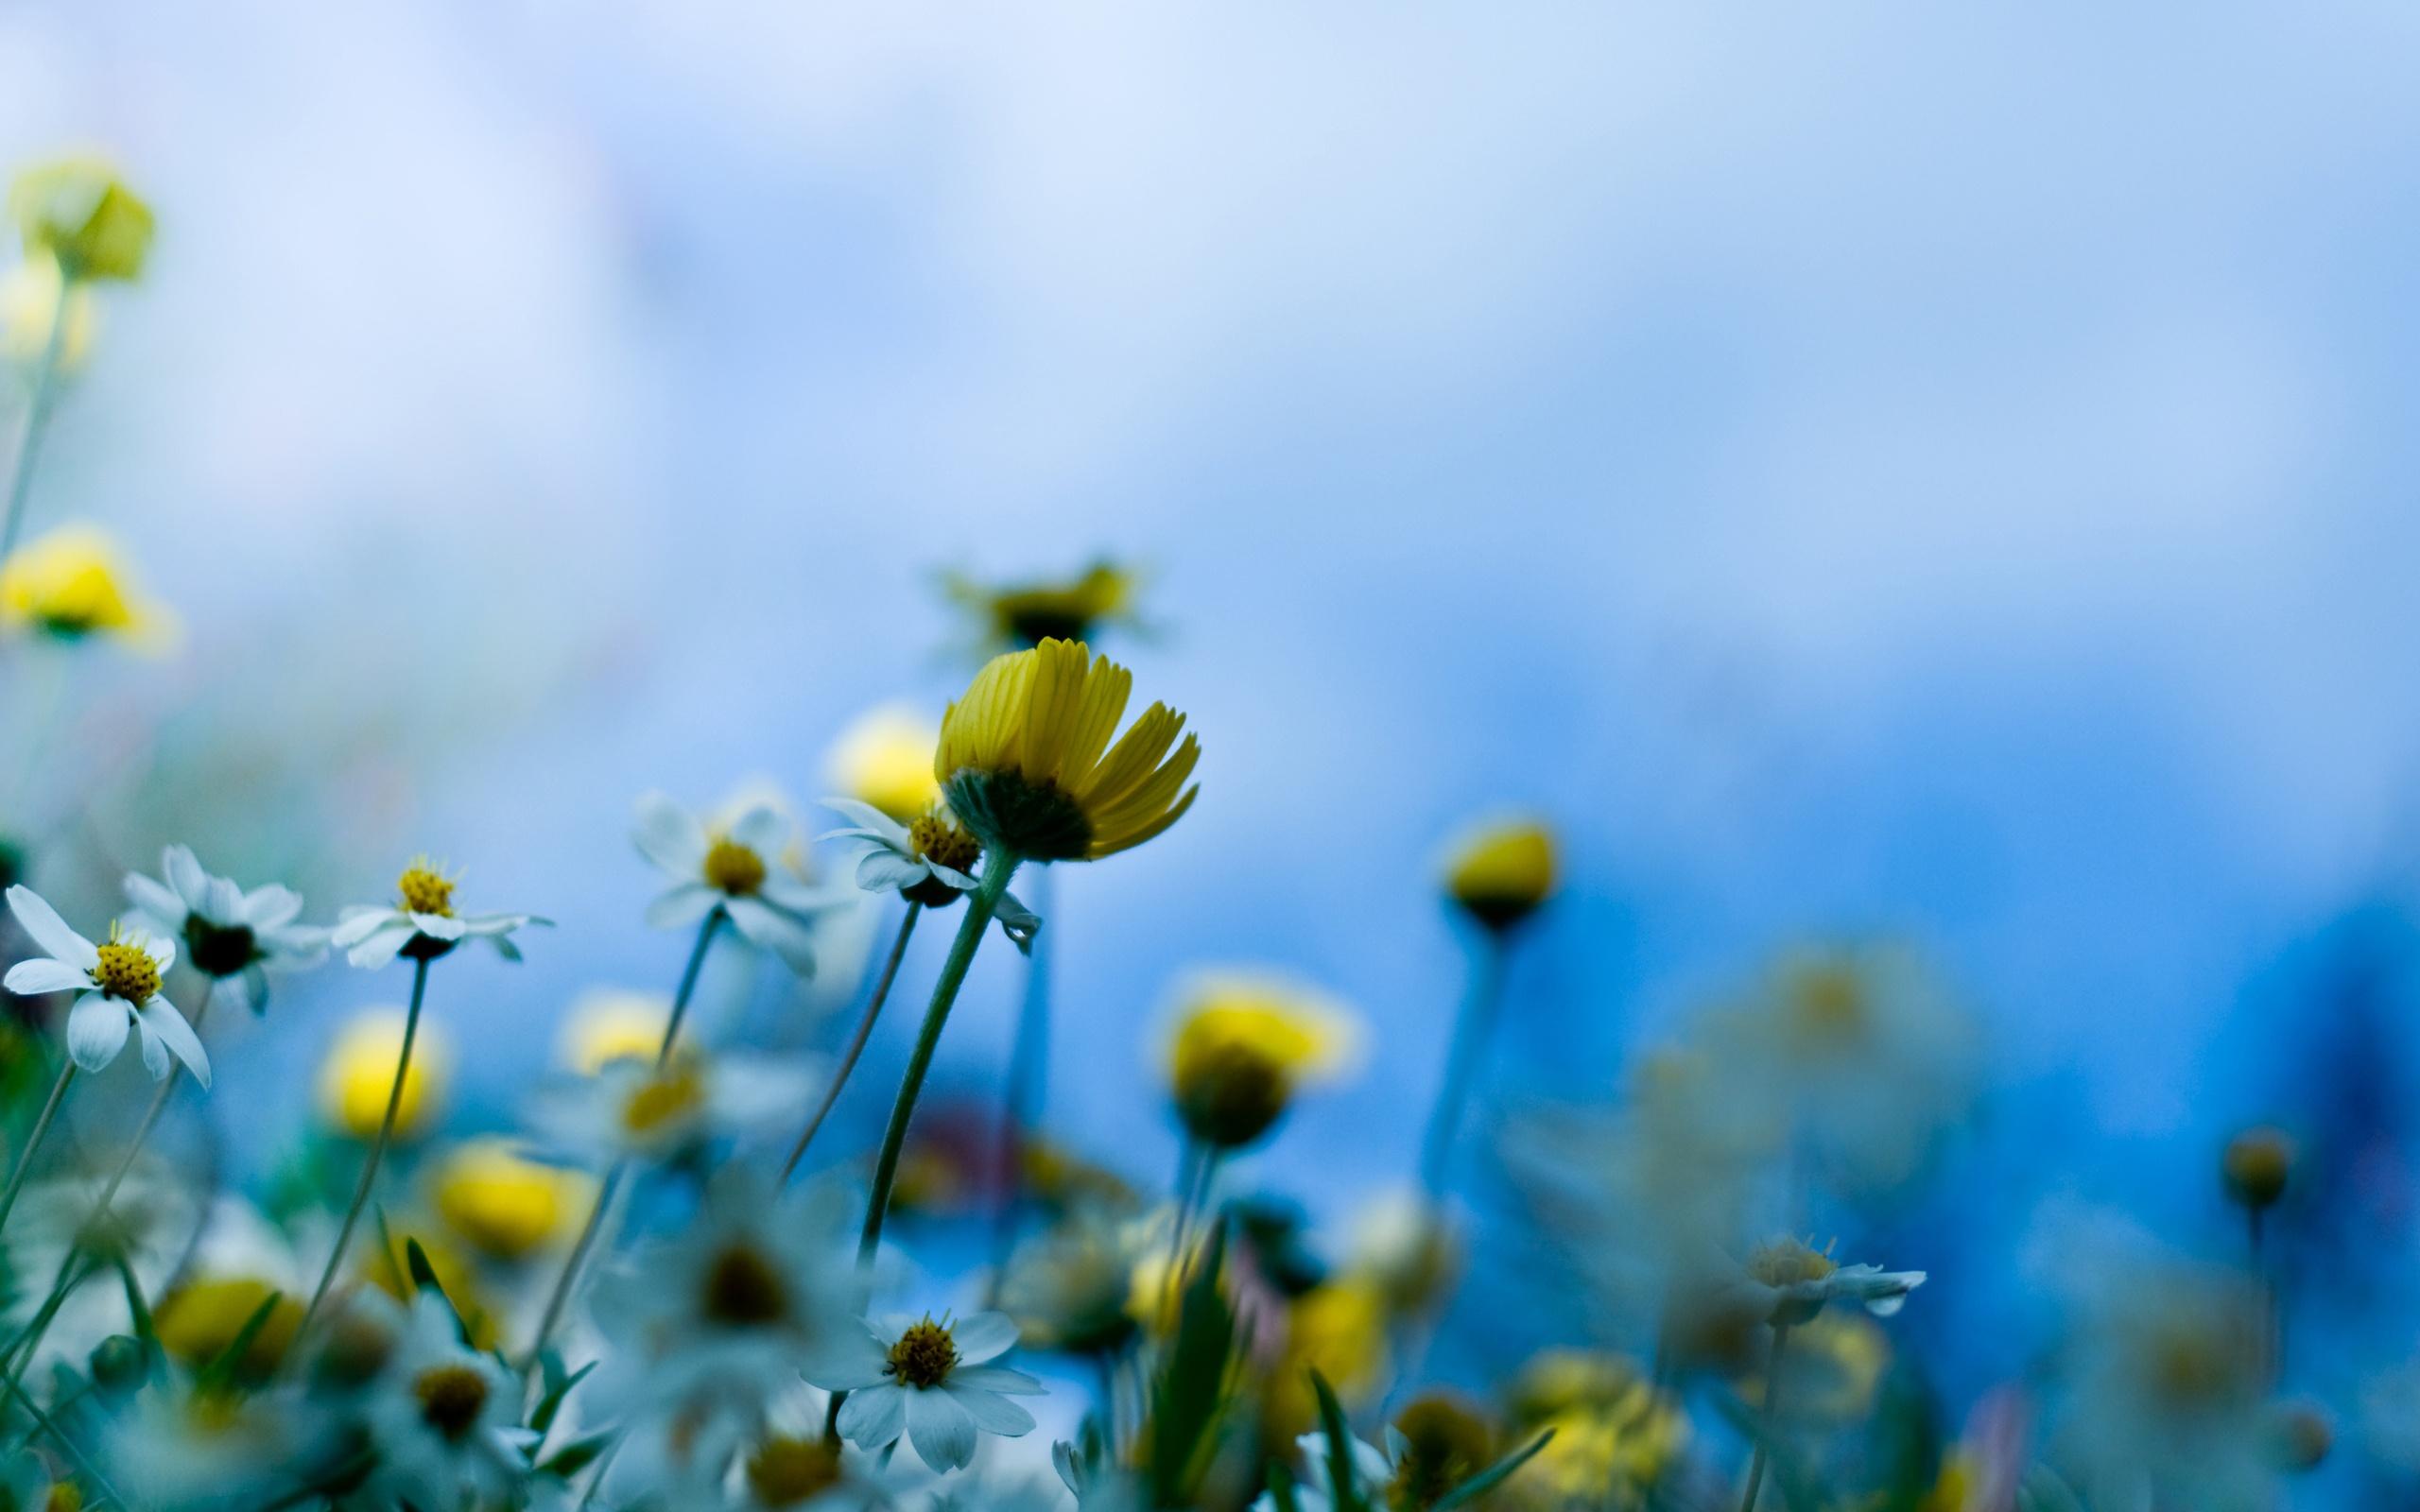 صور ورود جميلة اجمل صور الورد والازهار بجودة HD (49)